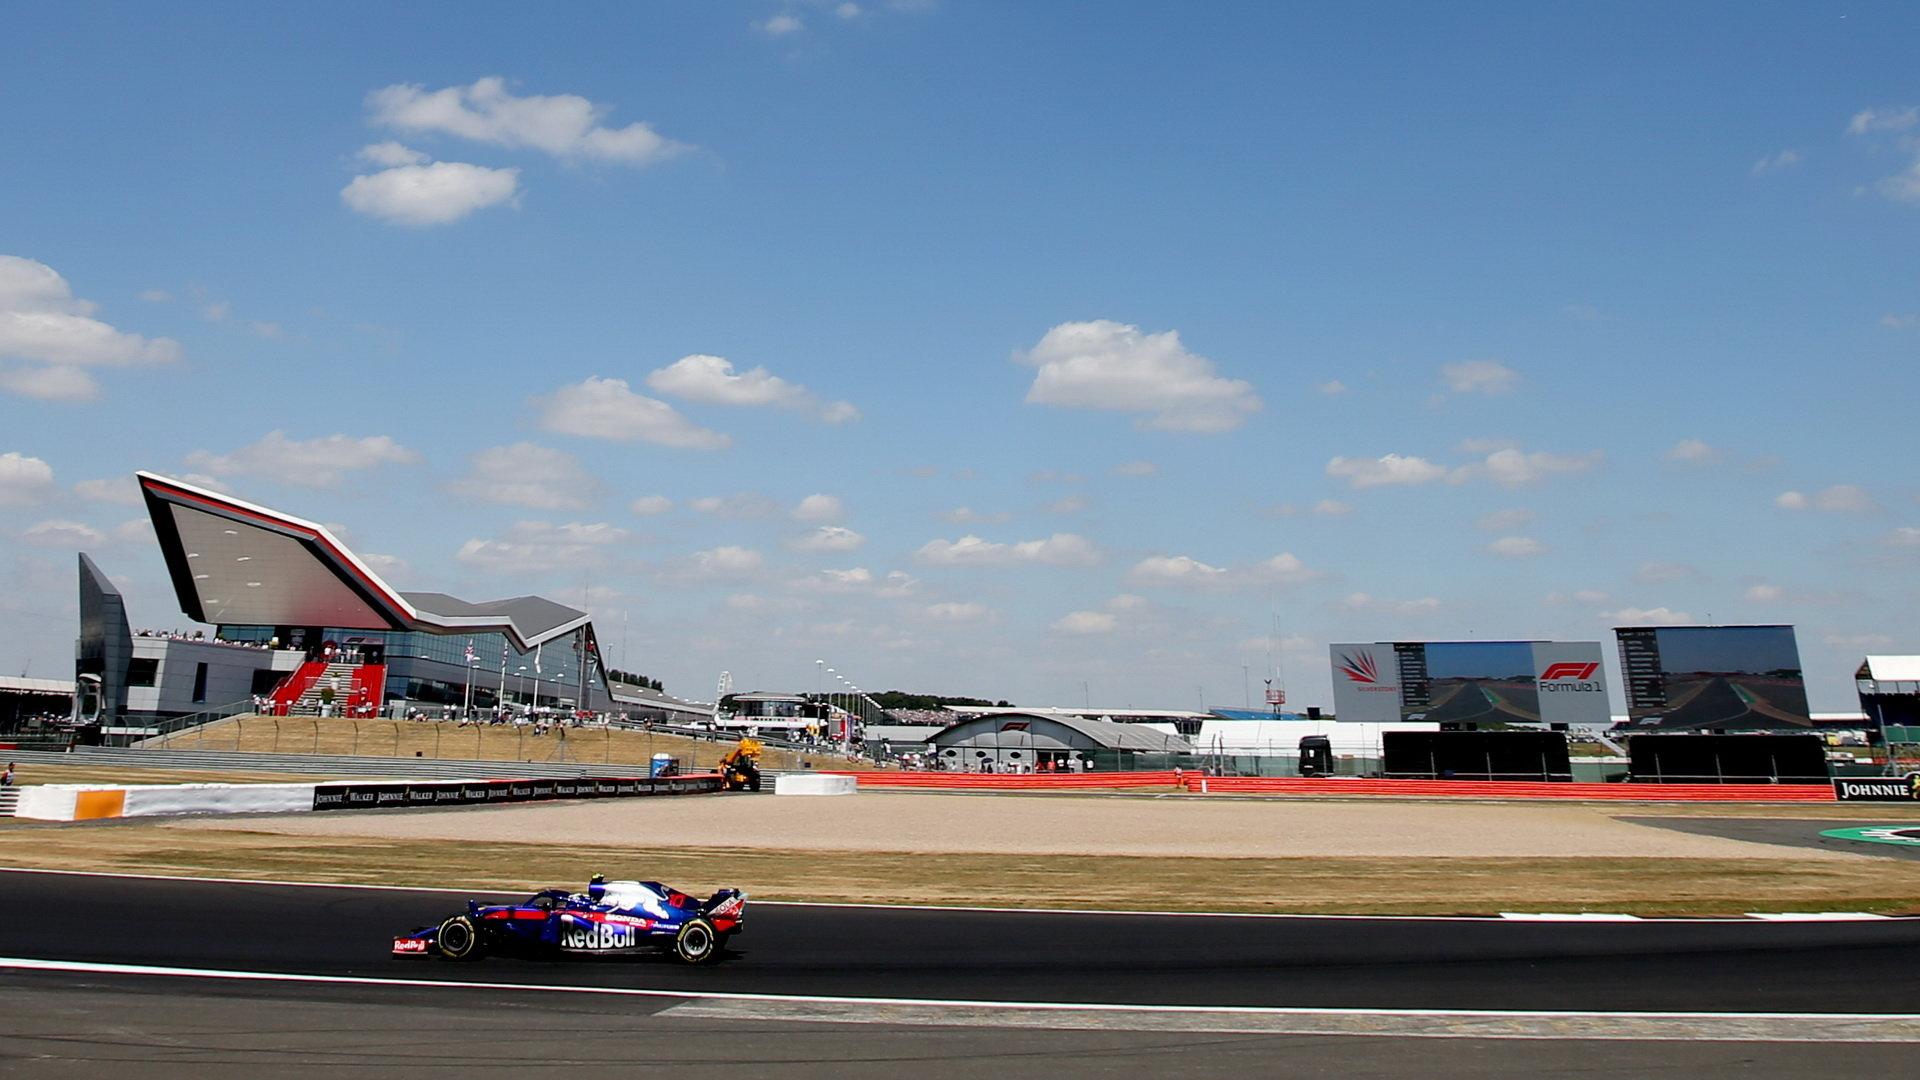 Silverstone prošel nedávno rozsáhlou rekonstrukcí